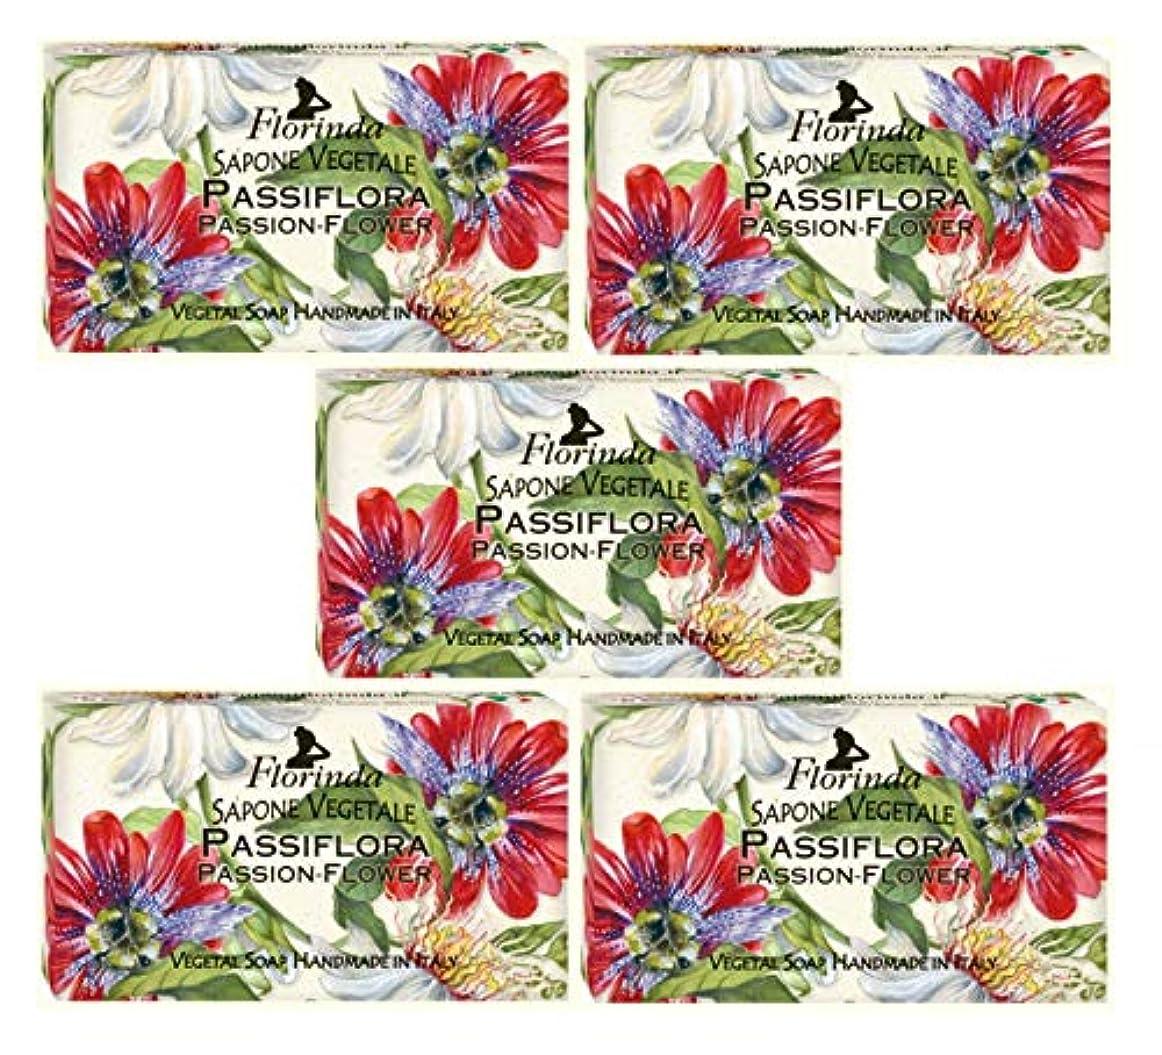 穿孔する集団的ジェームズダイソンフロリンダ フレグランスソープ 固形石けん 花の香り パッションフラワー 95g×5個セット